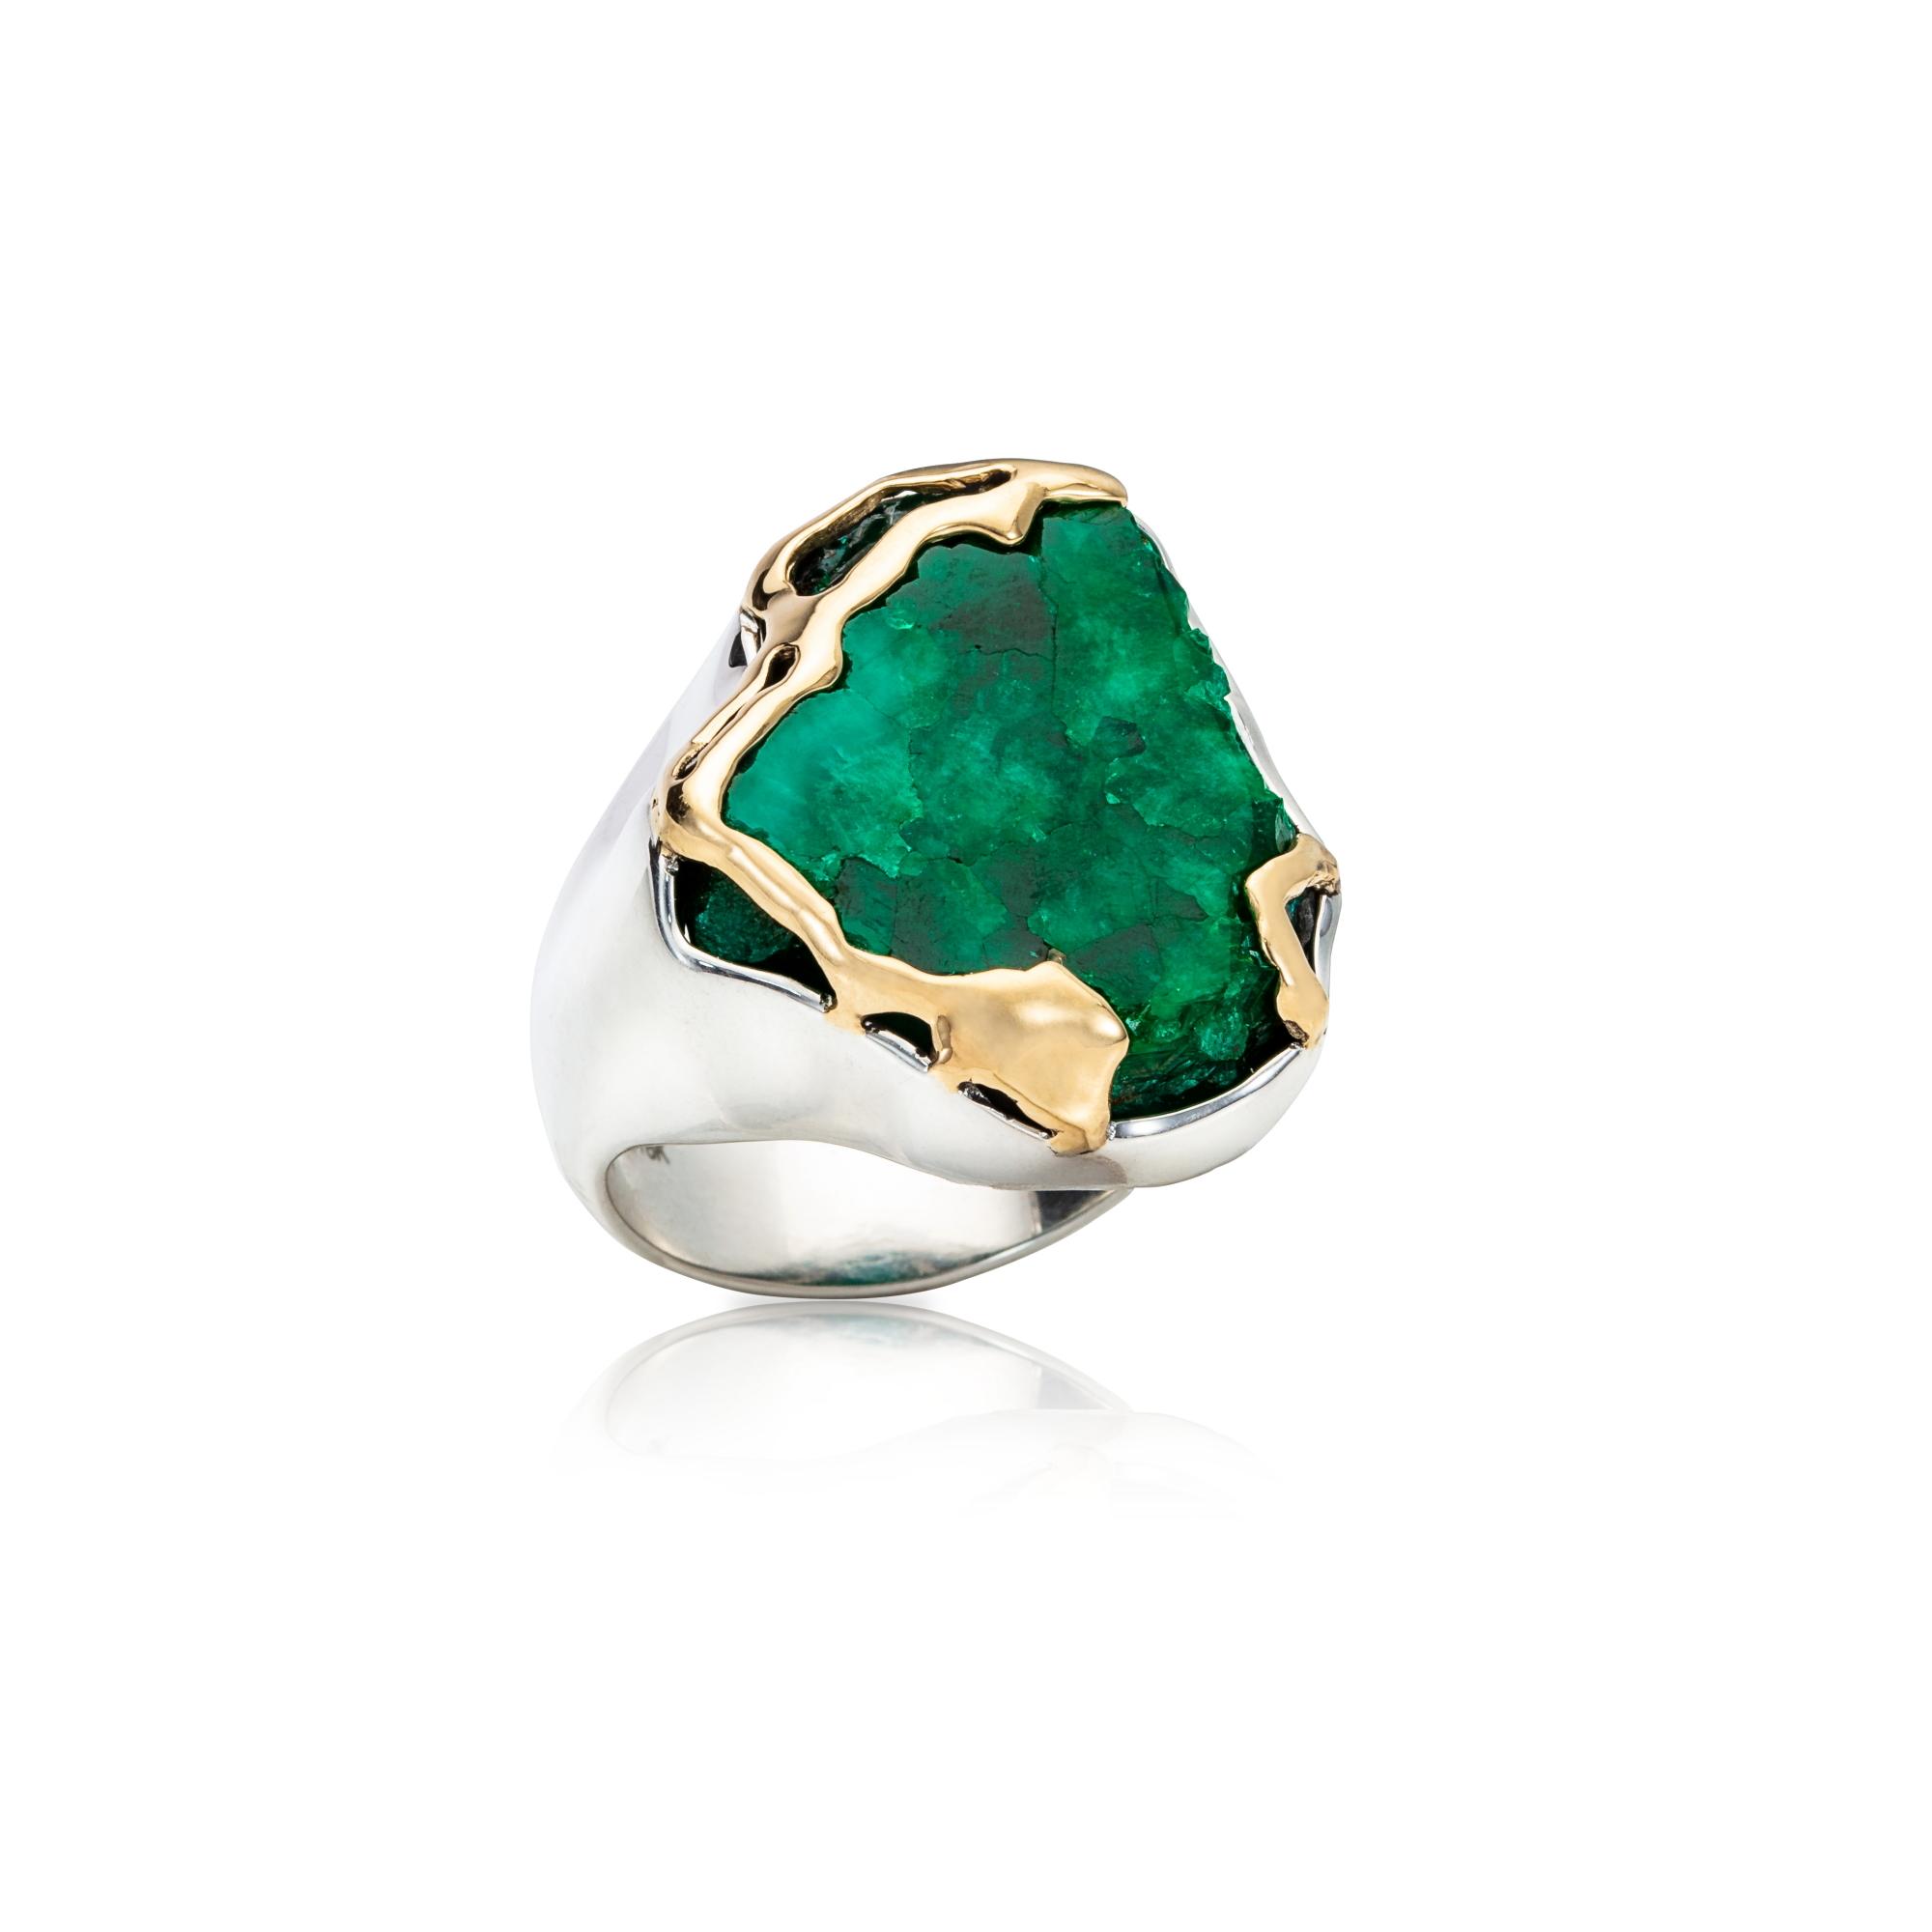 仲夏  翠铜矿,18K 黄金镶边,925银戒托戒指